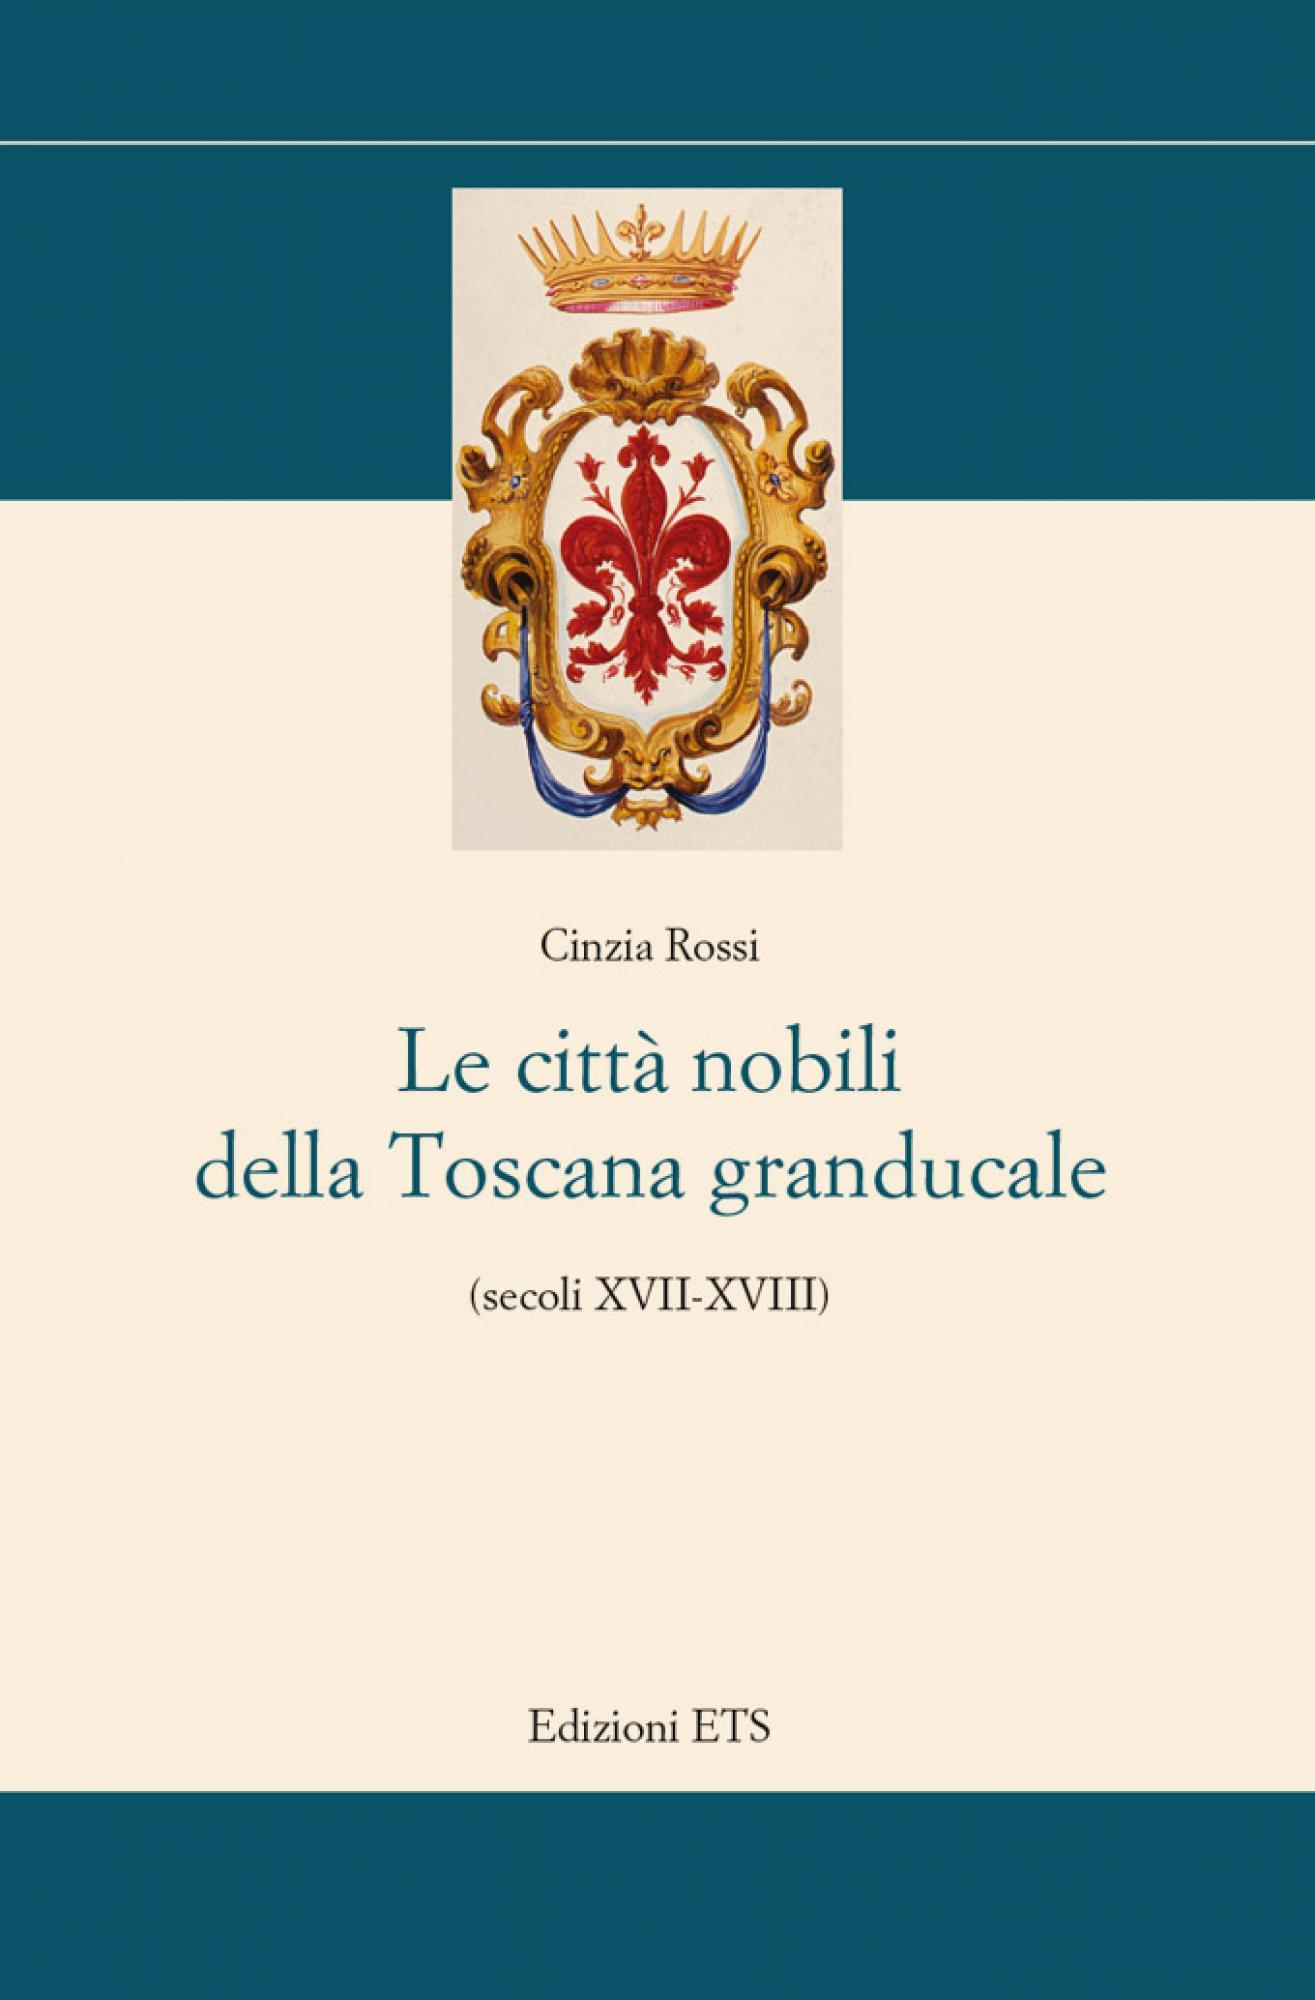 Le città nobili della Toscana granducale.(secoli XVII-XVIII)